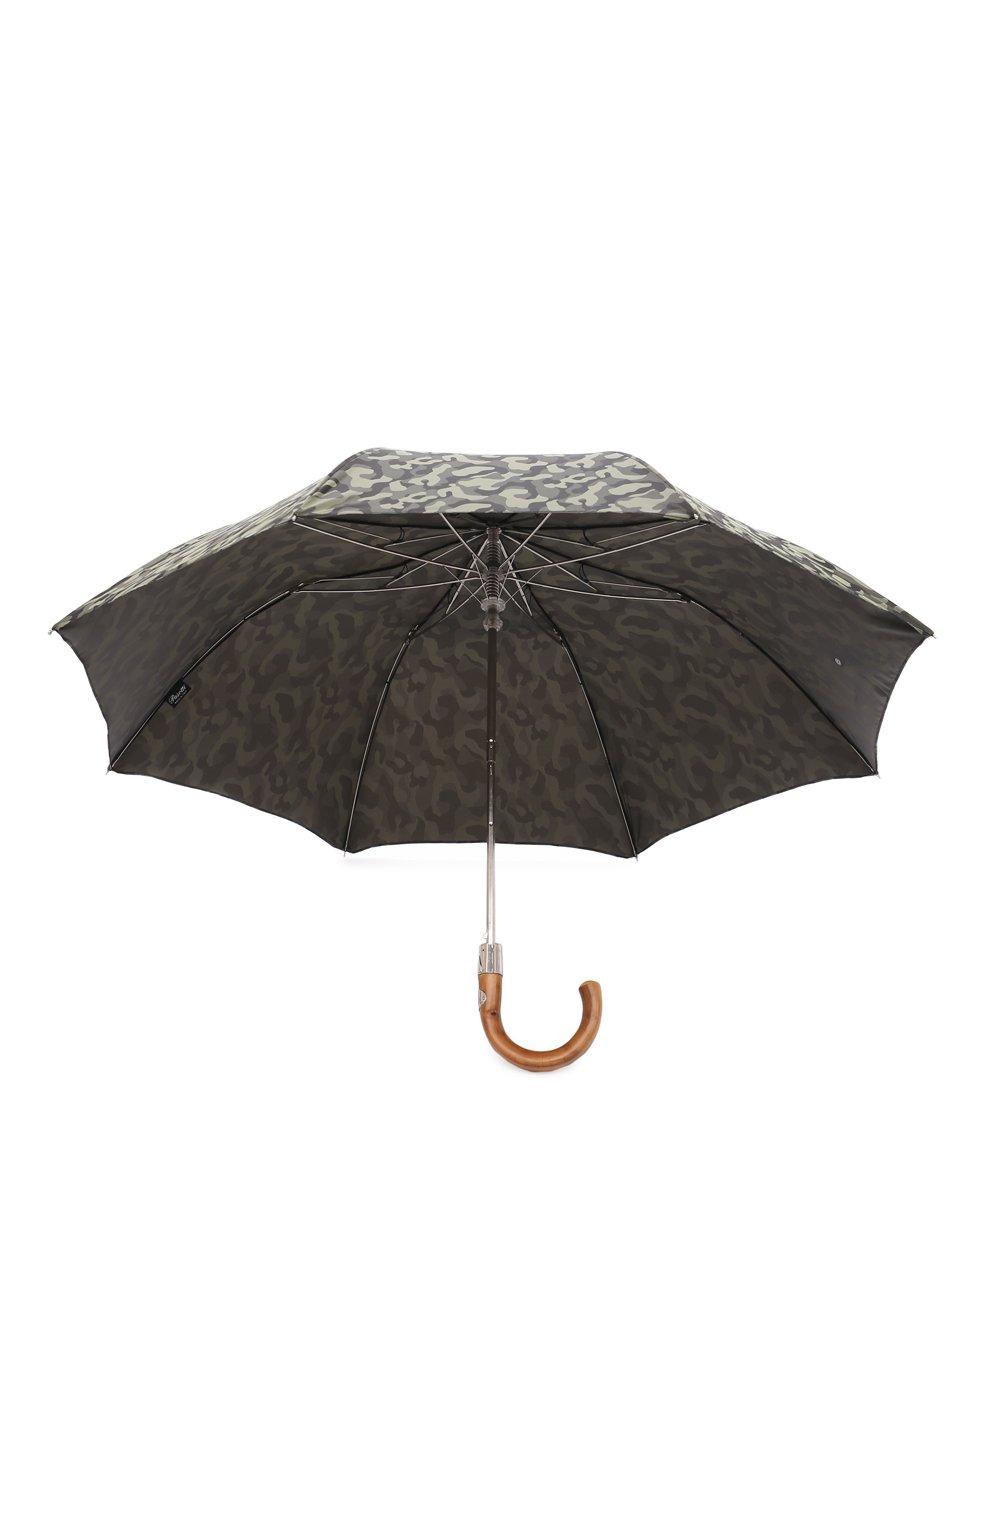 Мужской складной зонт PASOTTI OMBRELLI хаки цвета, арт. 64S/MILITARE 11780/254/T0PLESS | Фото 3 (Материал: Текстиль, Синтетический материал, Металл)